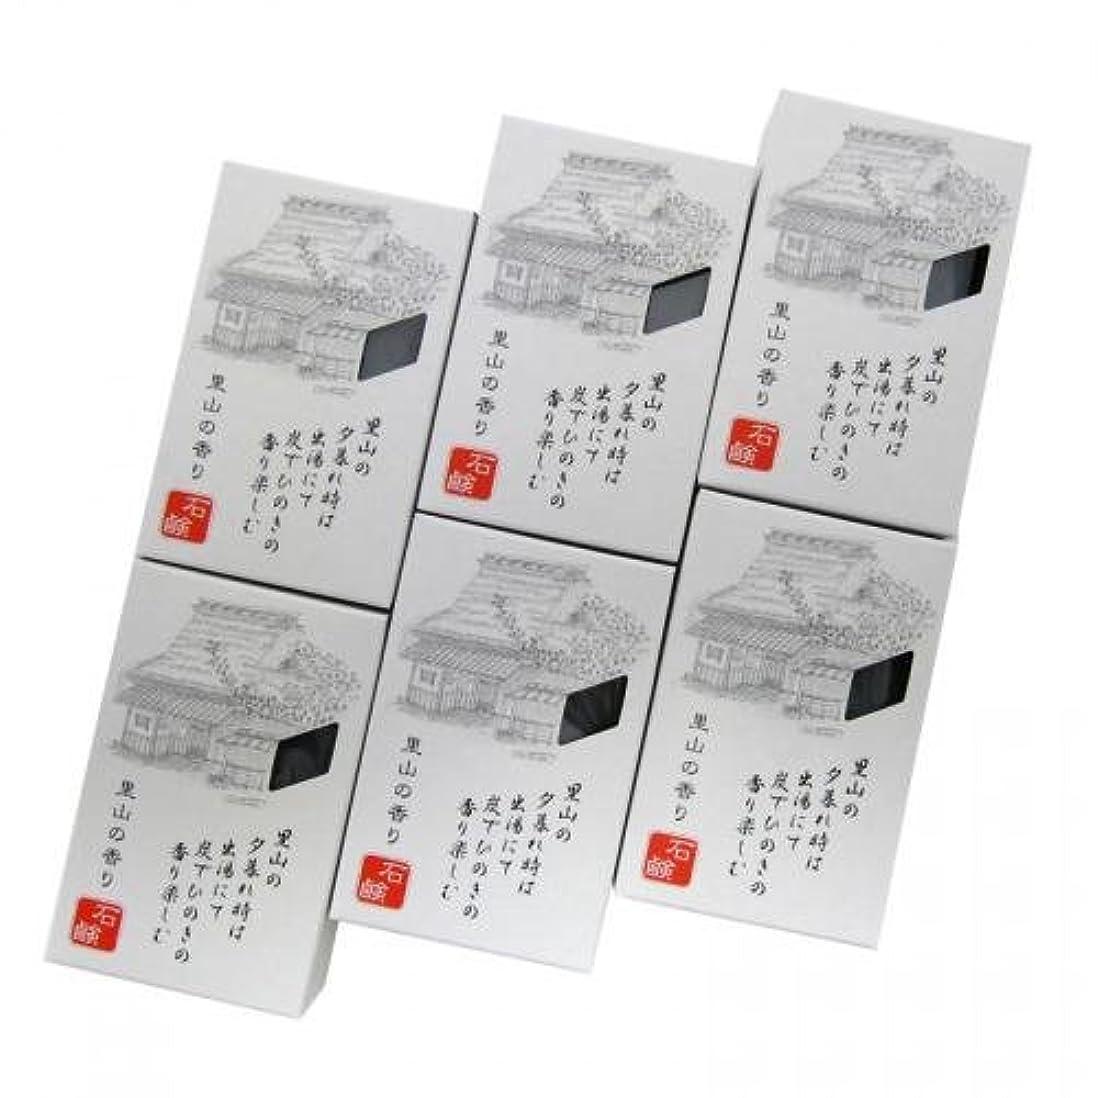 羊の選出する活力ROTTS 里山の香り石鹸 100g 【6個セット】 iwasaya